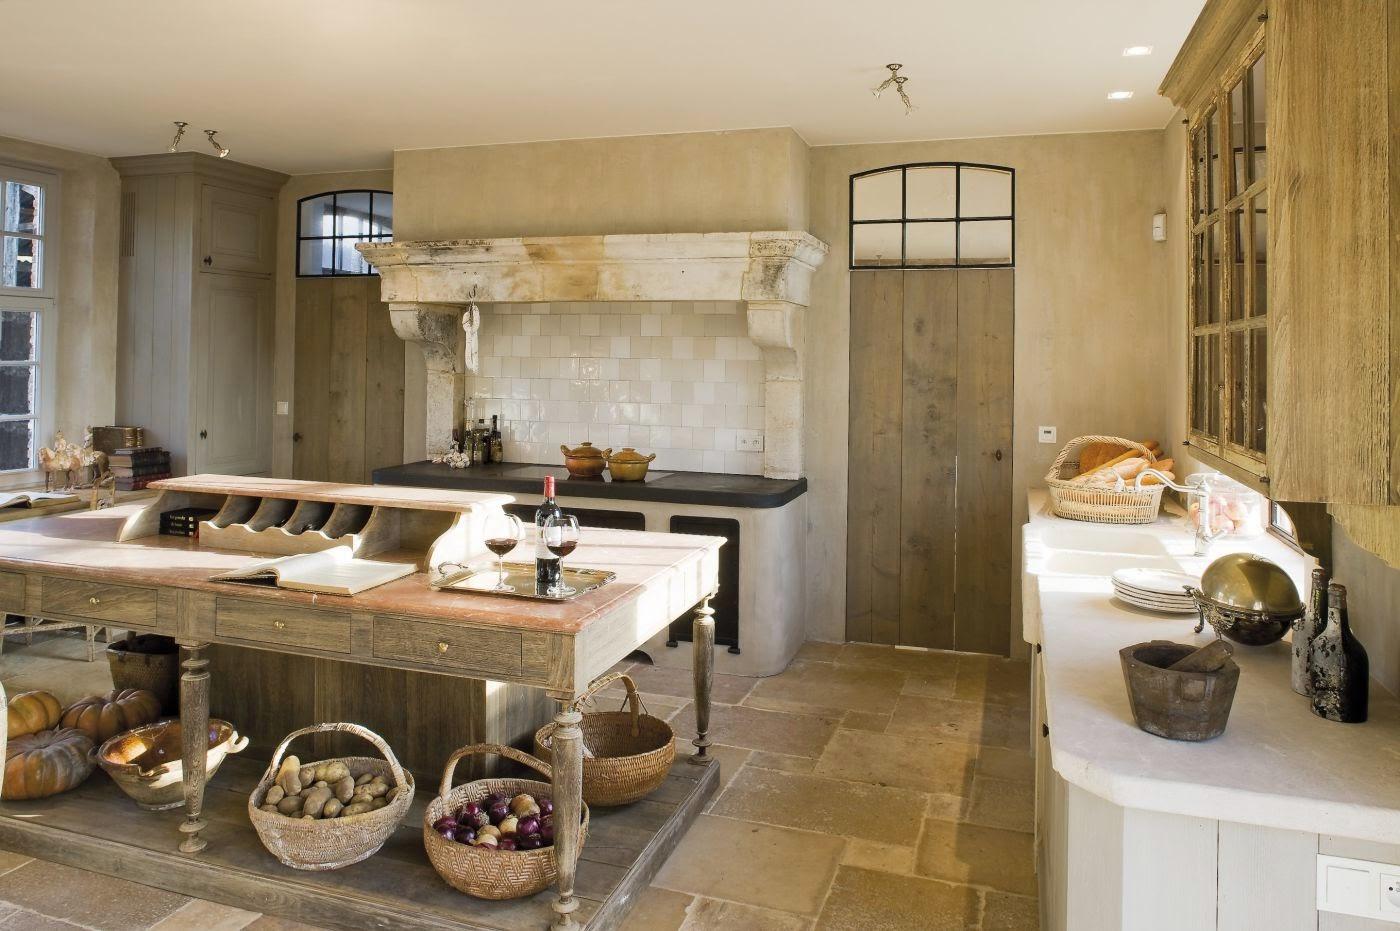 Cuisine » Cuisines Anciennes - Cuisine Design et Décoration Photos